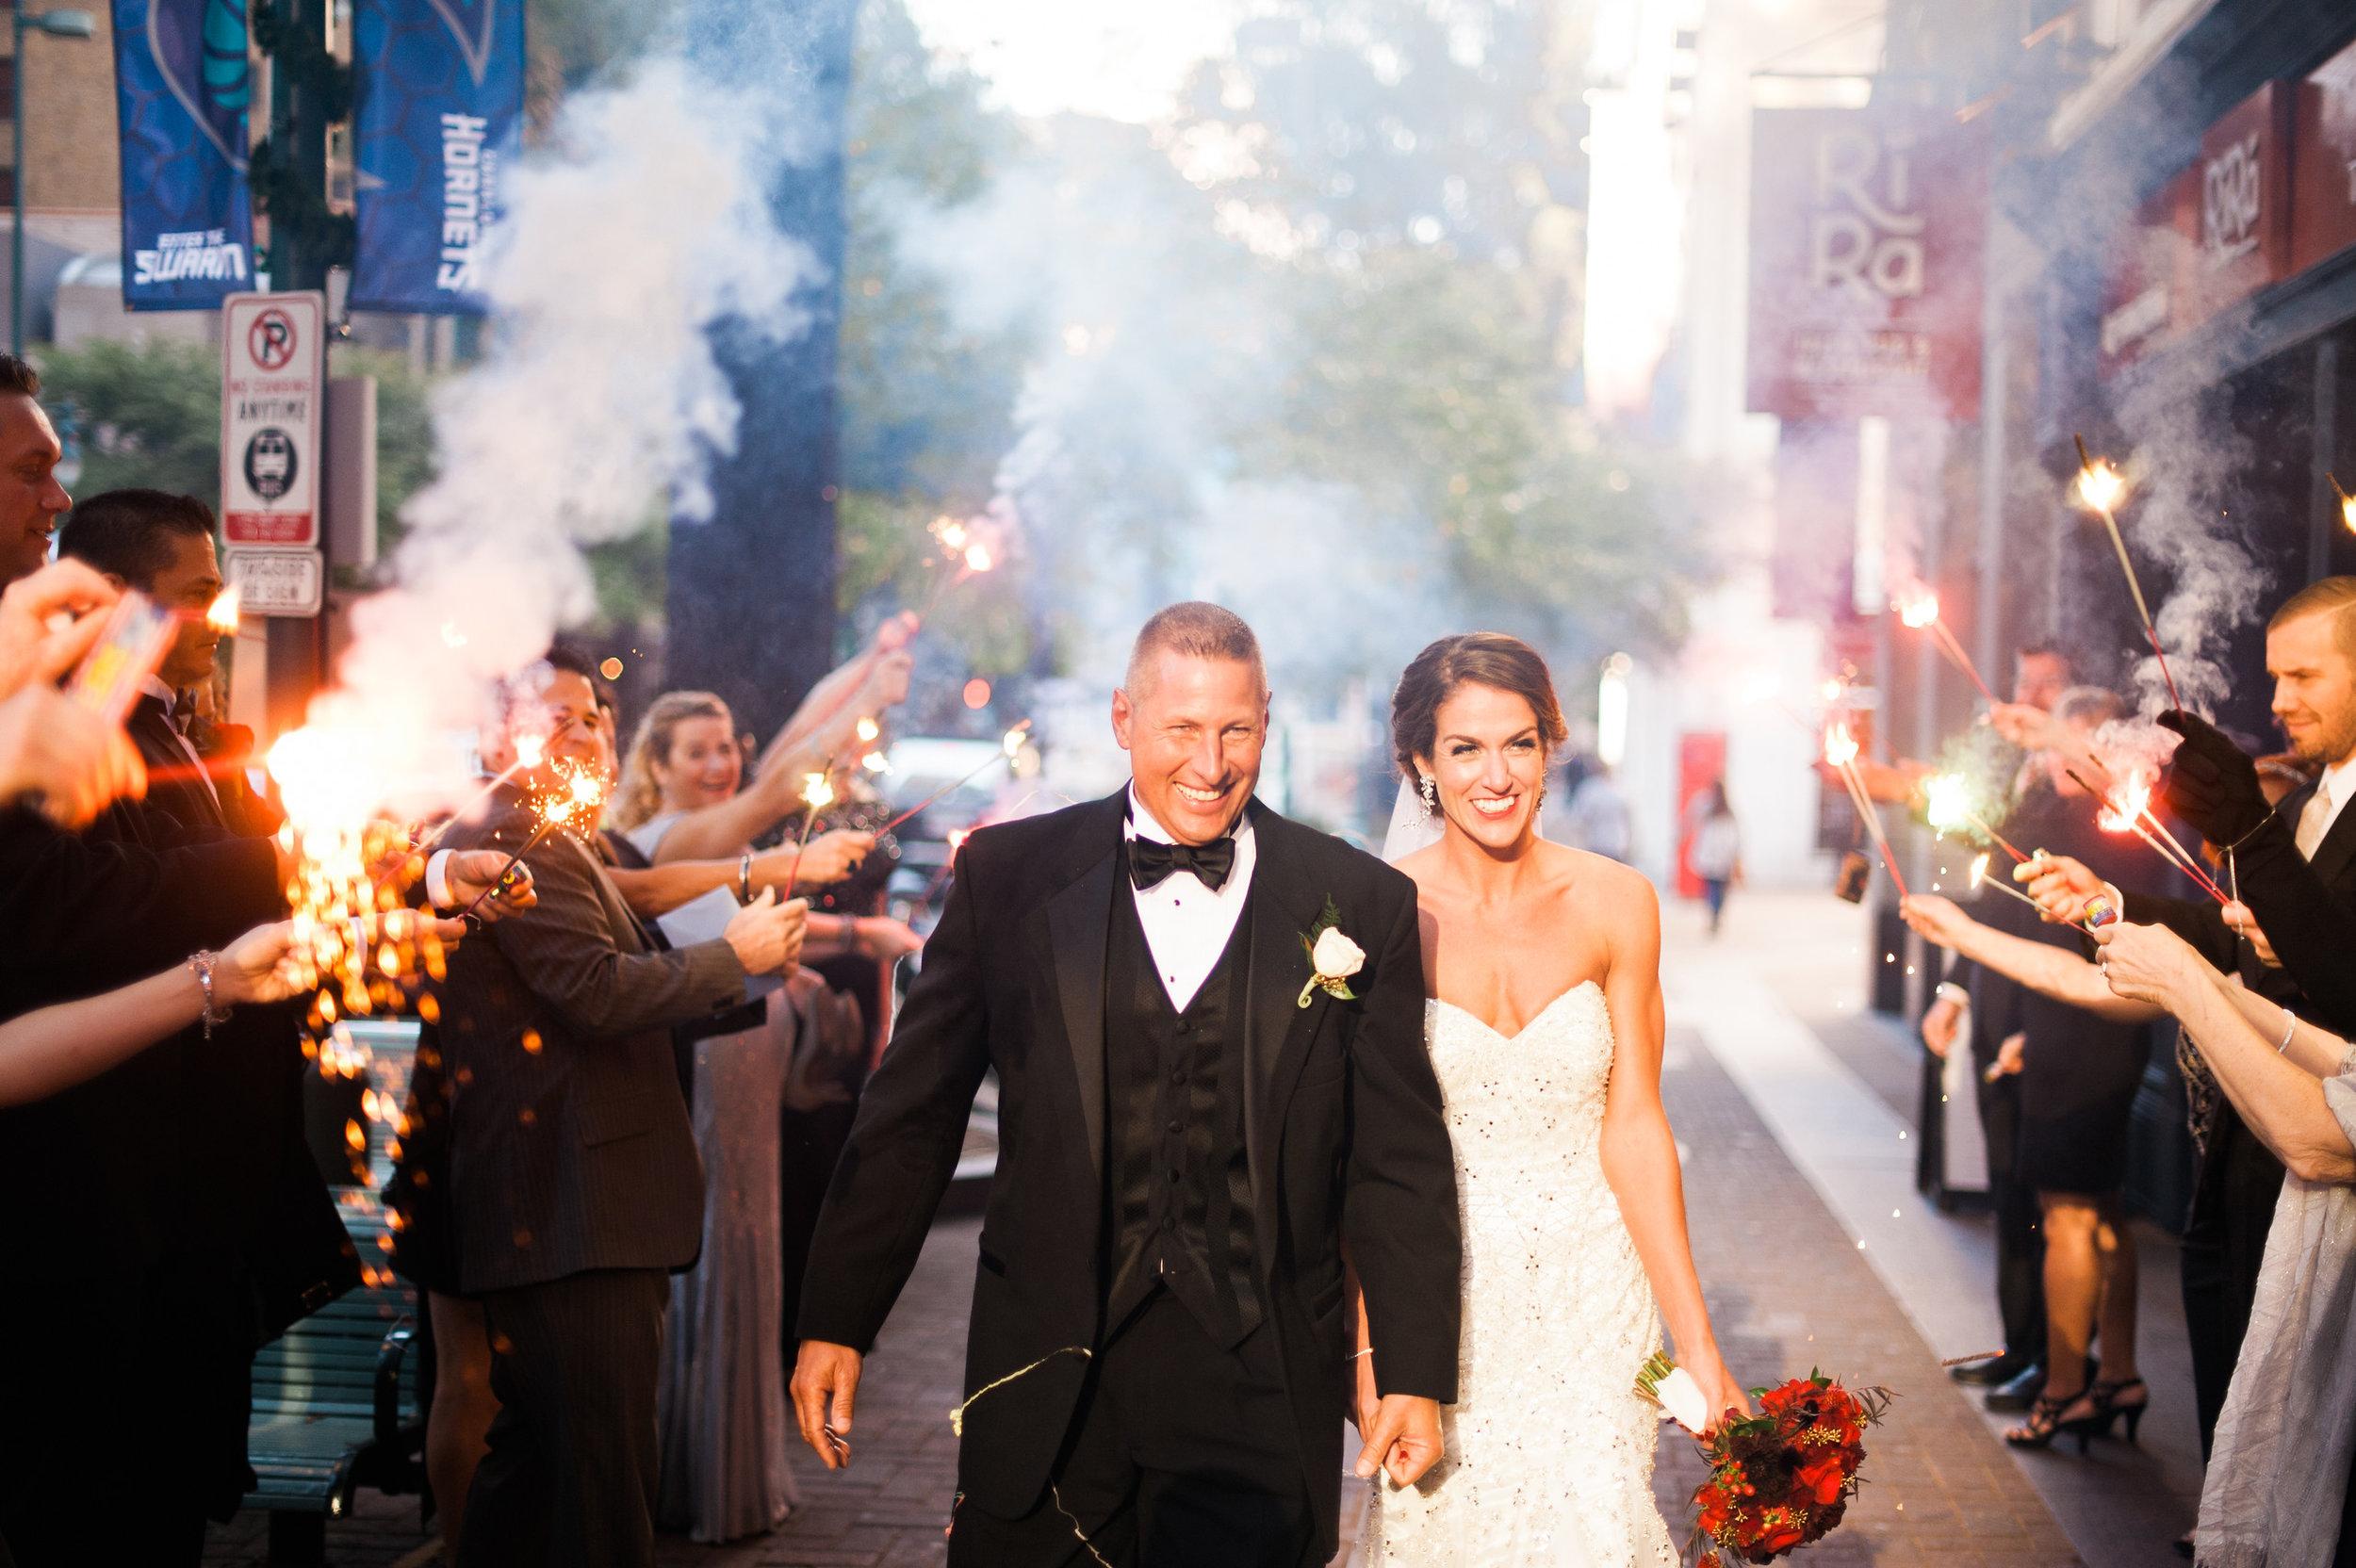 hoke-wedding-306-X5.jpg